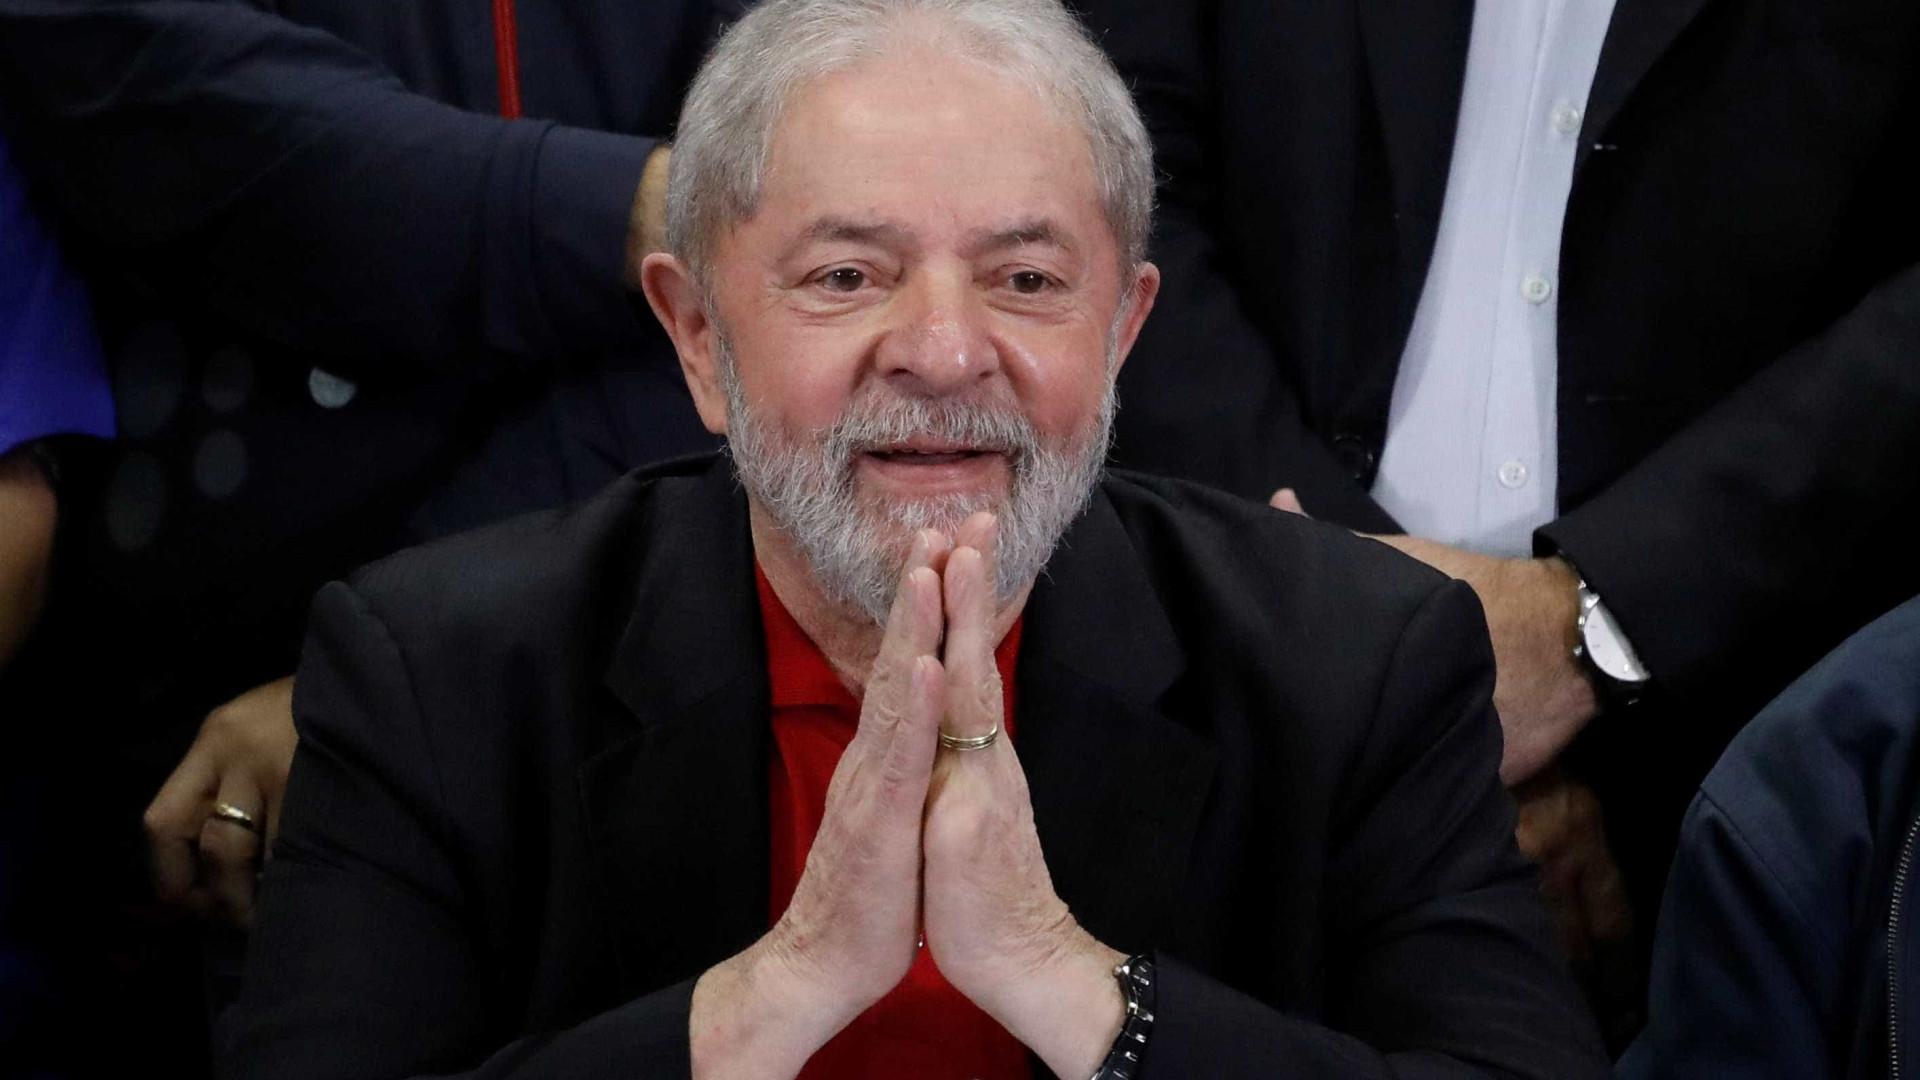 Jurista revela como Lula ainda pode escapar da prisão